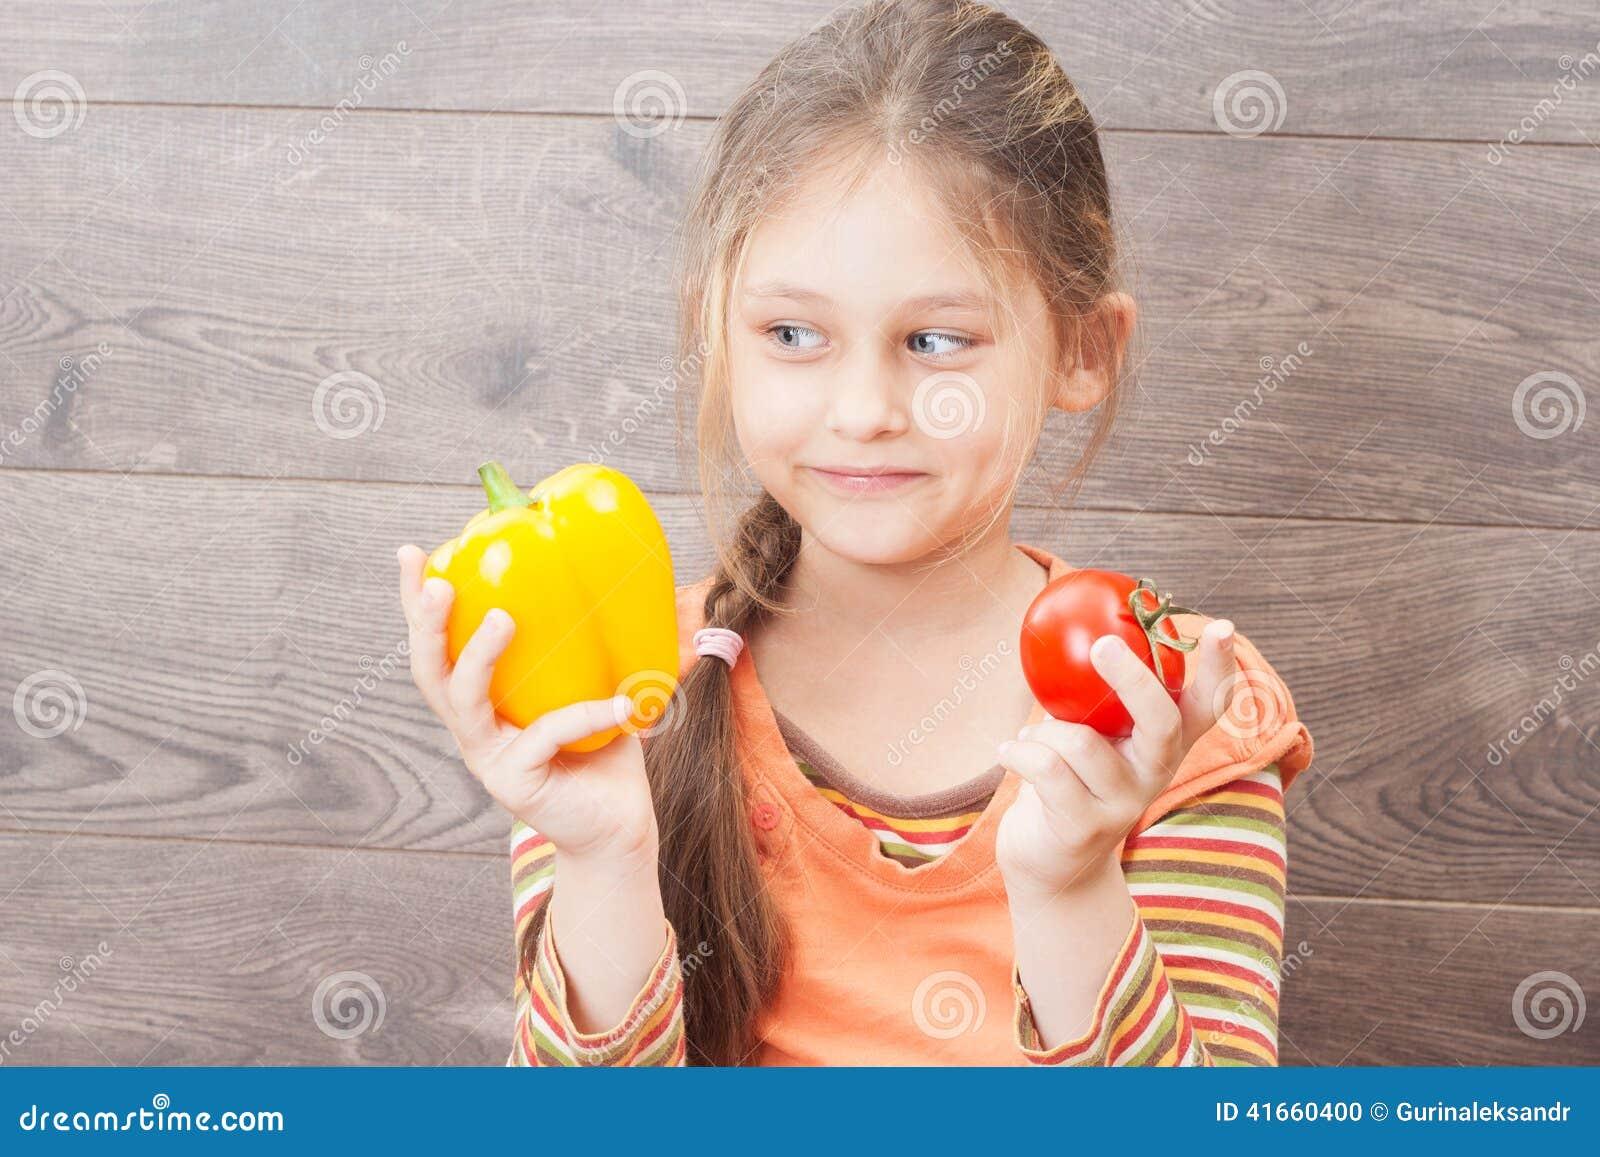 Красивая маленькая девочка держит свежие овощи